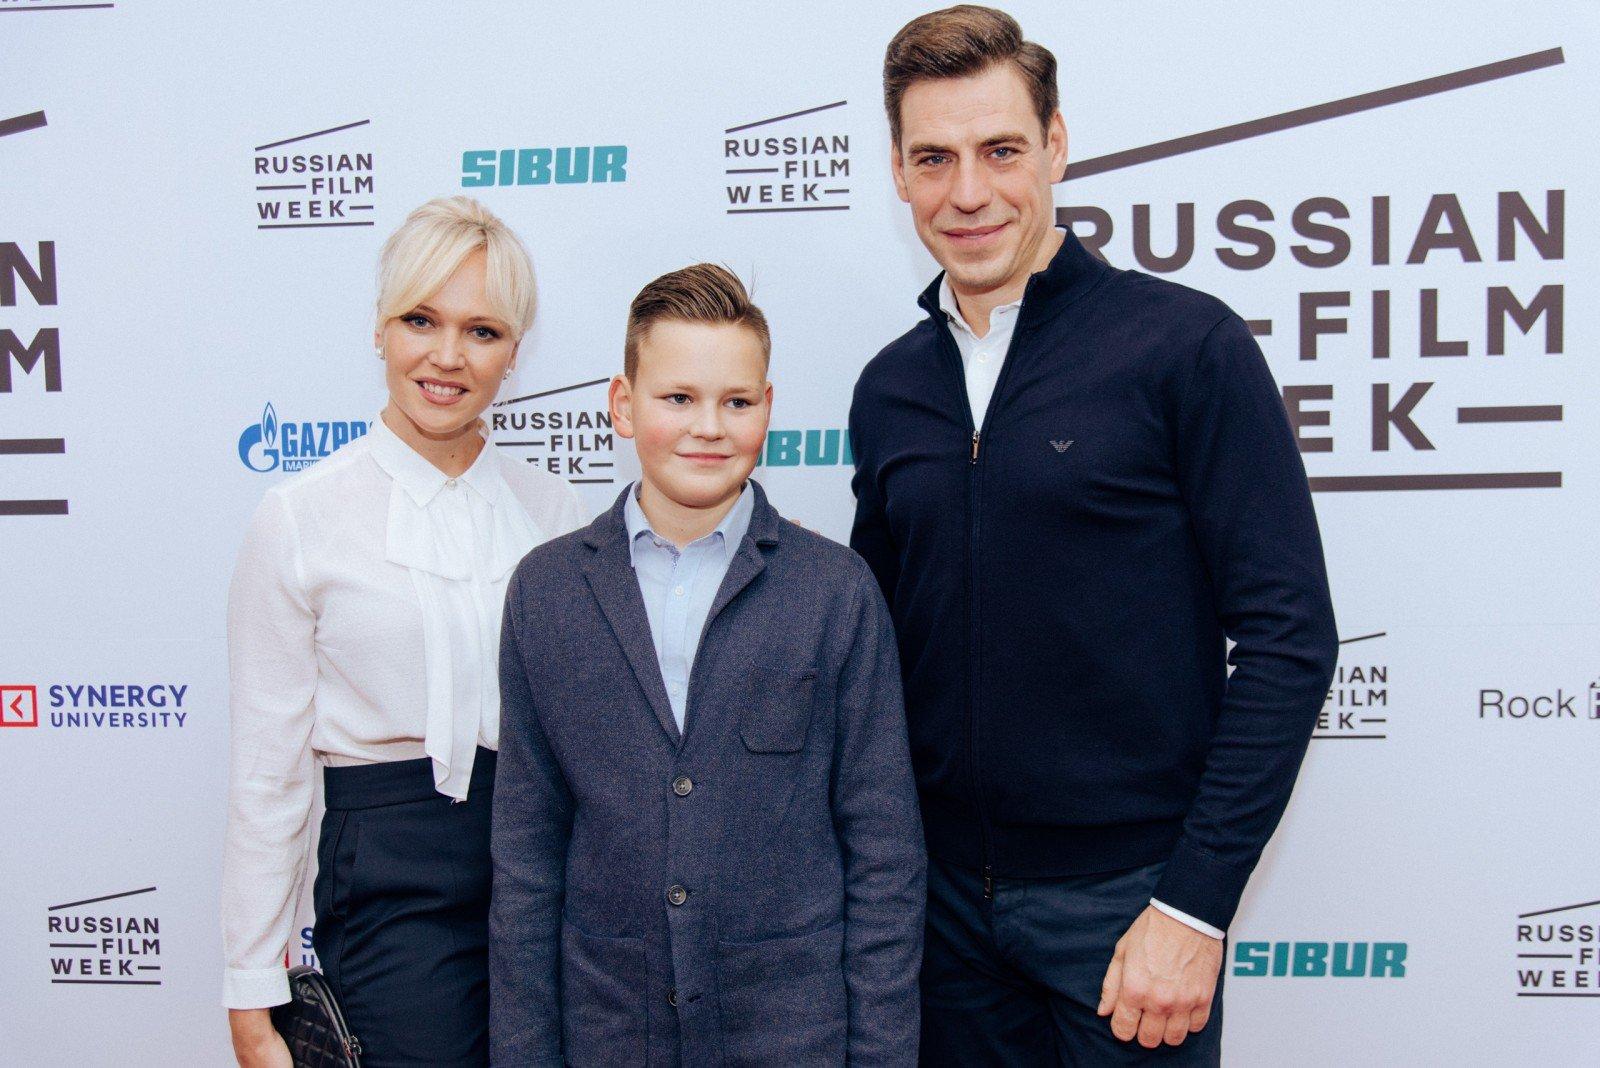 Мария Миронова, Клим Шипенко и Филип Перкон открыли Russian Film week в Лондоне